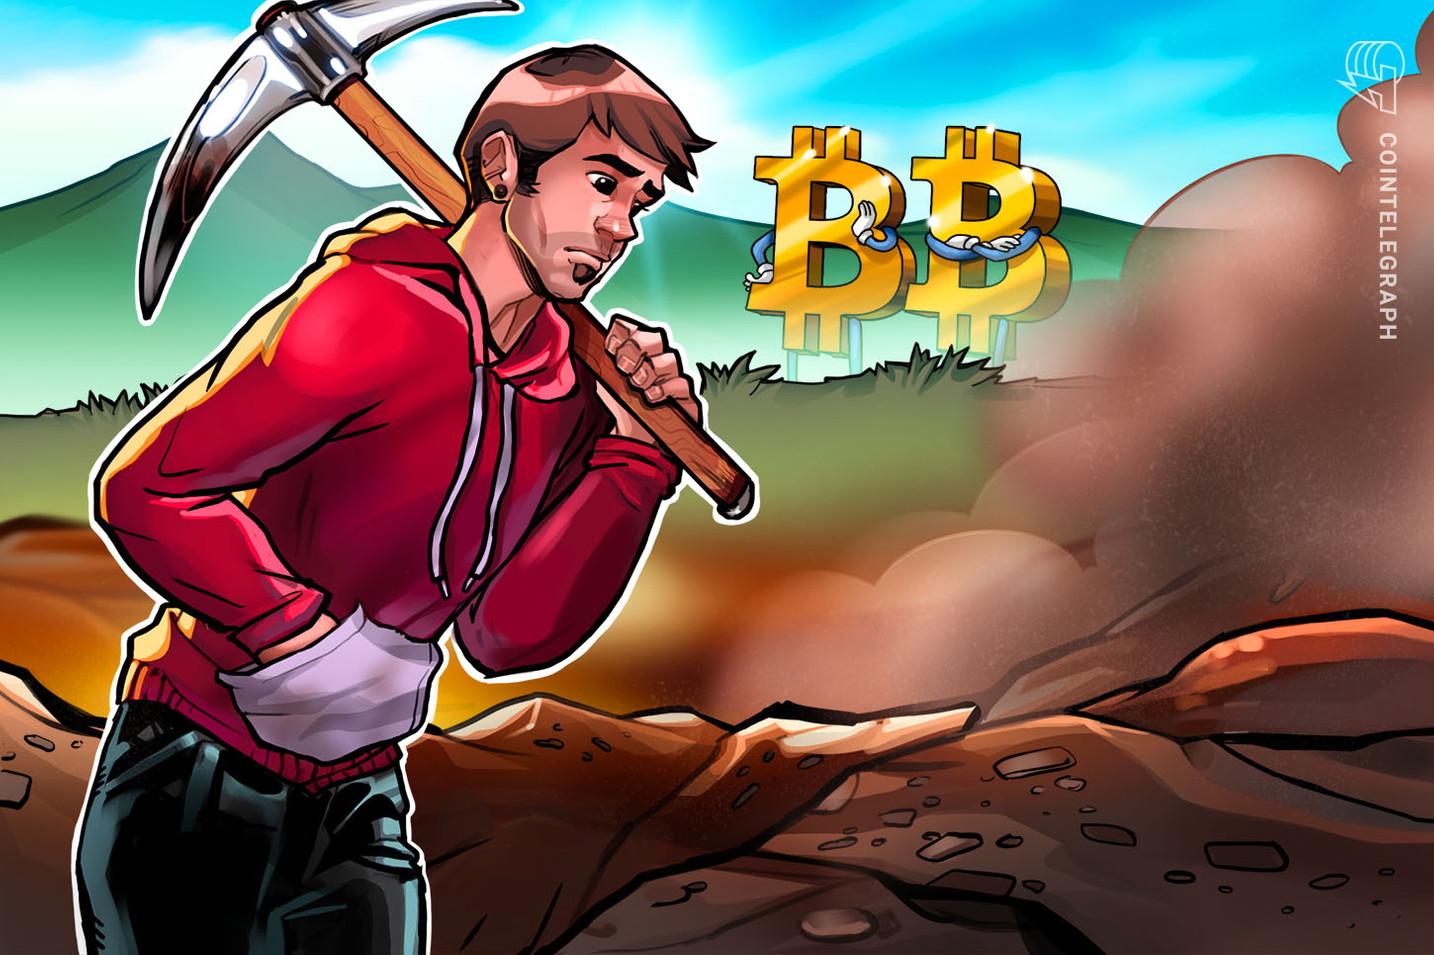 Štyria severoamerickí bitcoinoví ťažiari, ktorí by mohli ťažiť z posunu medzi východom a západom